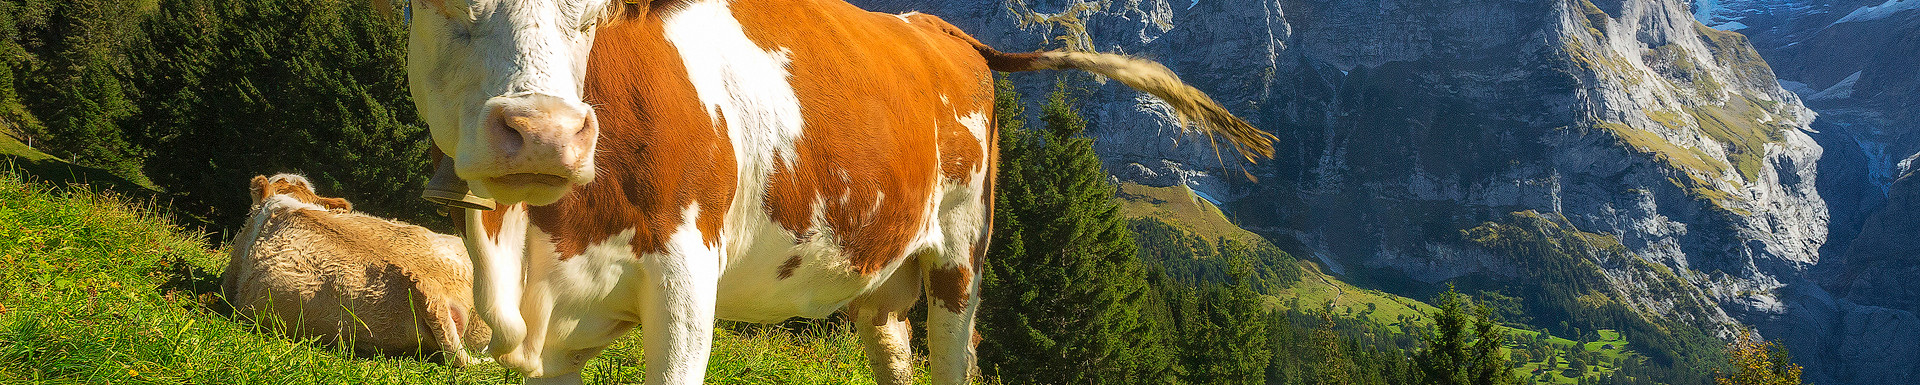 Wetterhorn Grazer